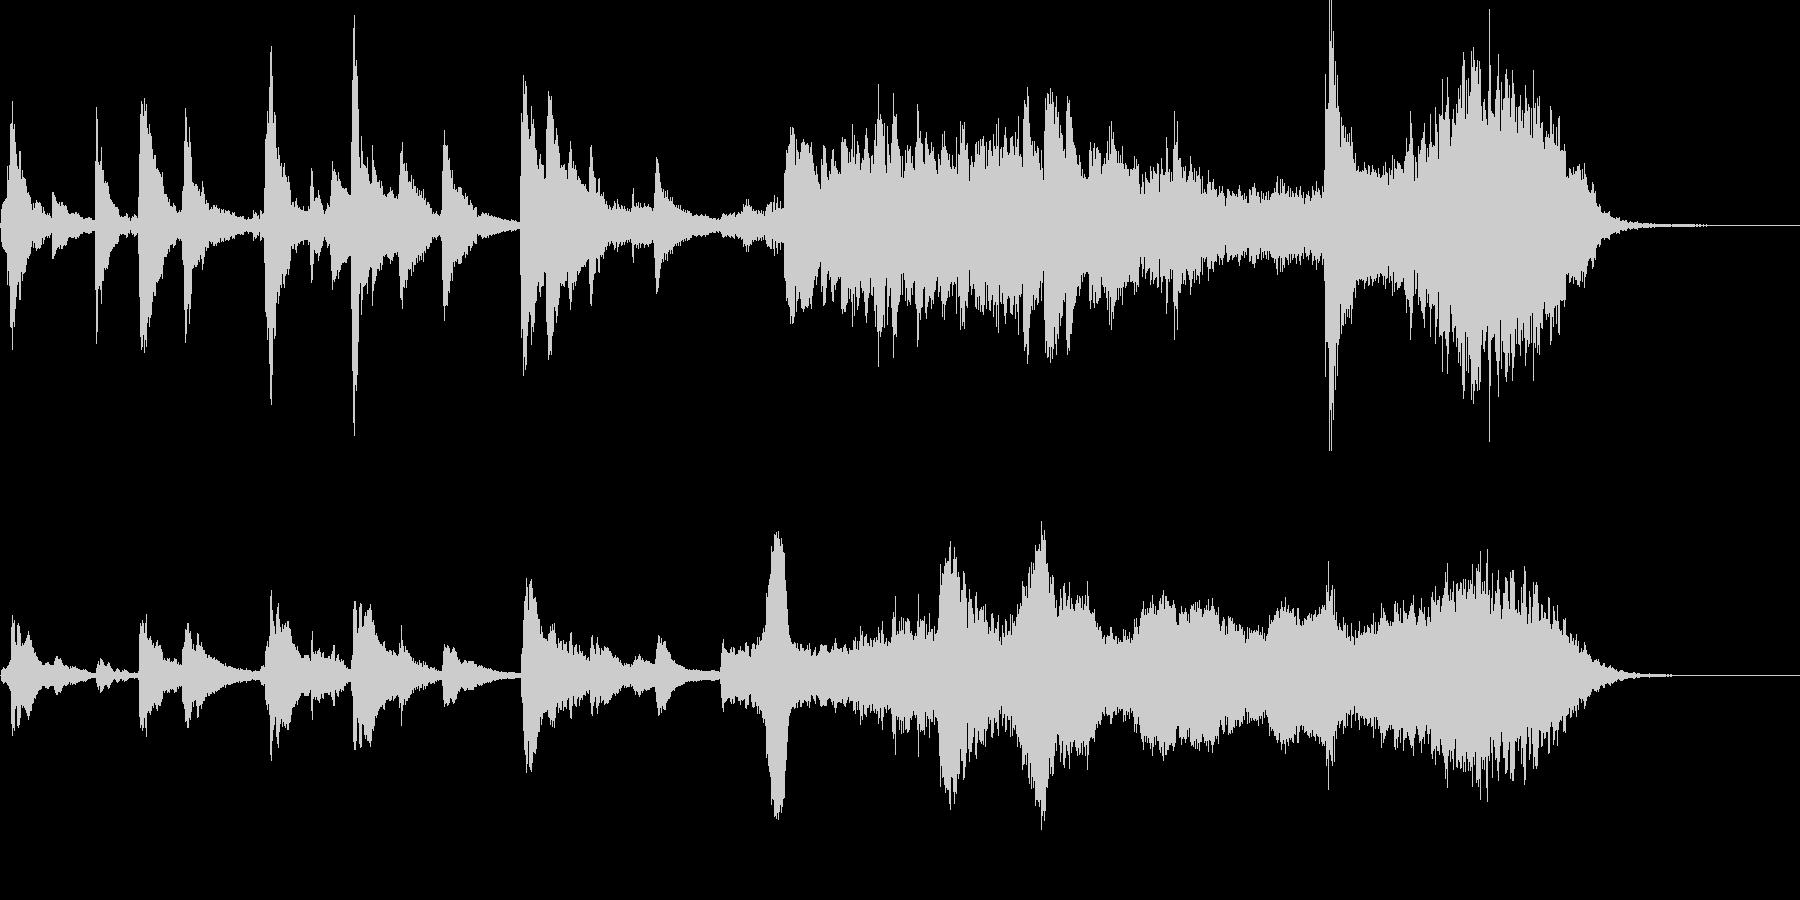 短:弦楽器とハープの幻想的なジングルの未再生の波形